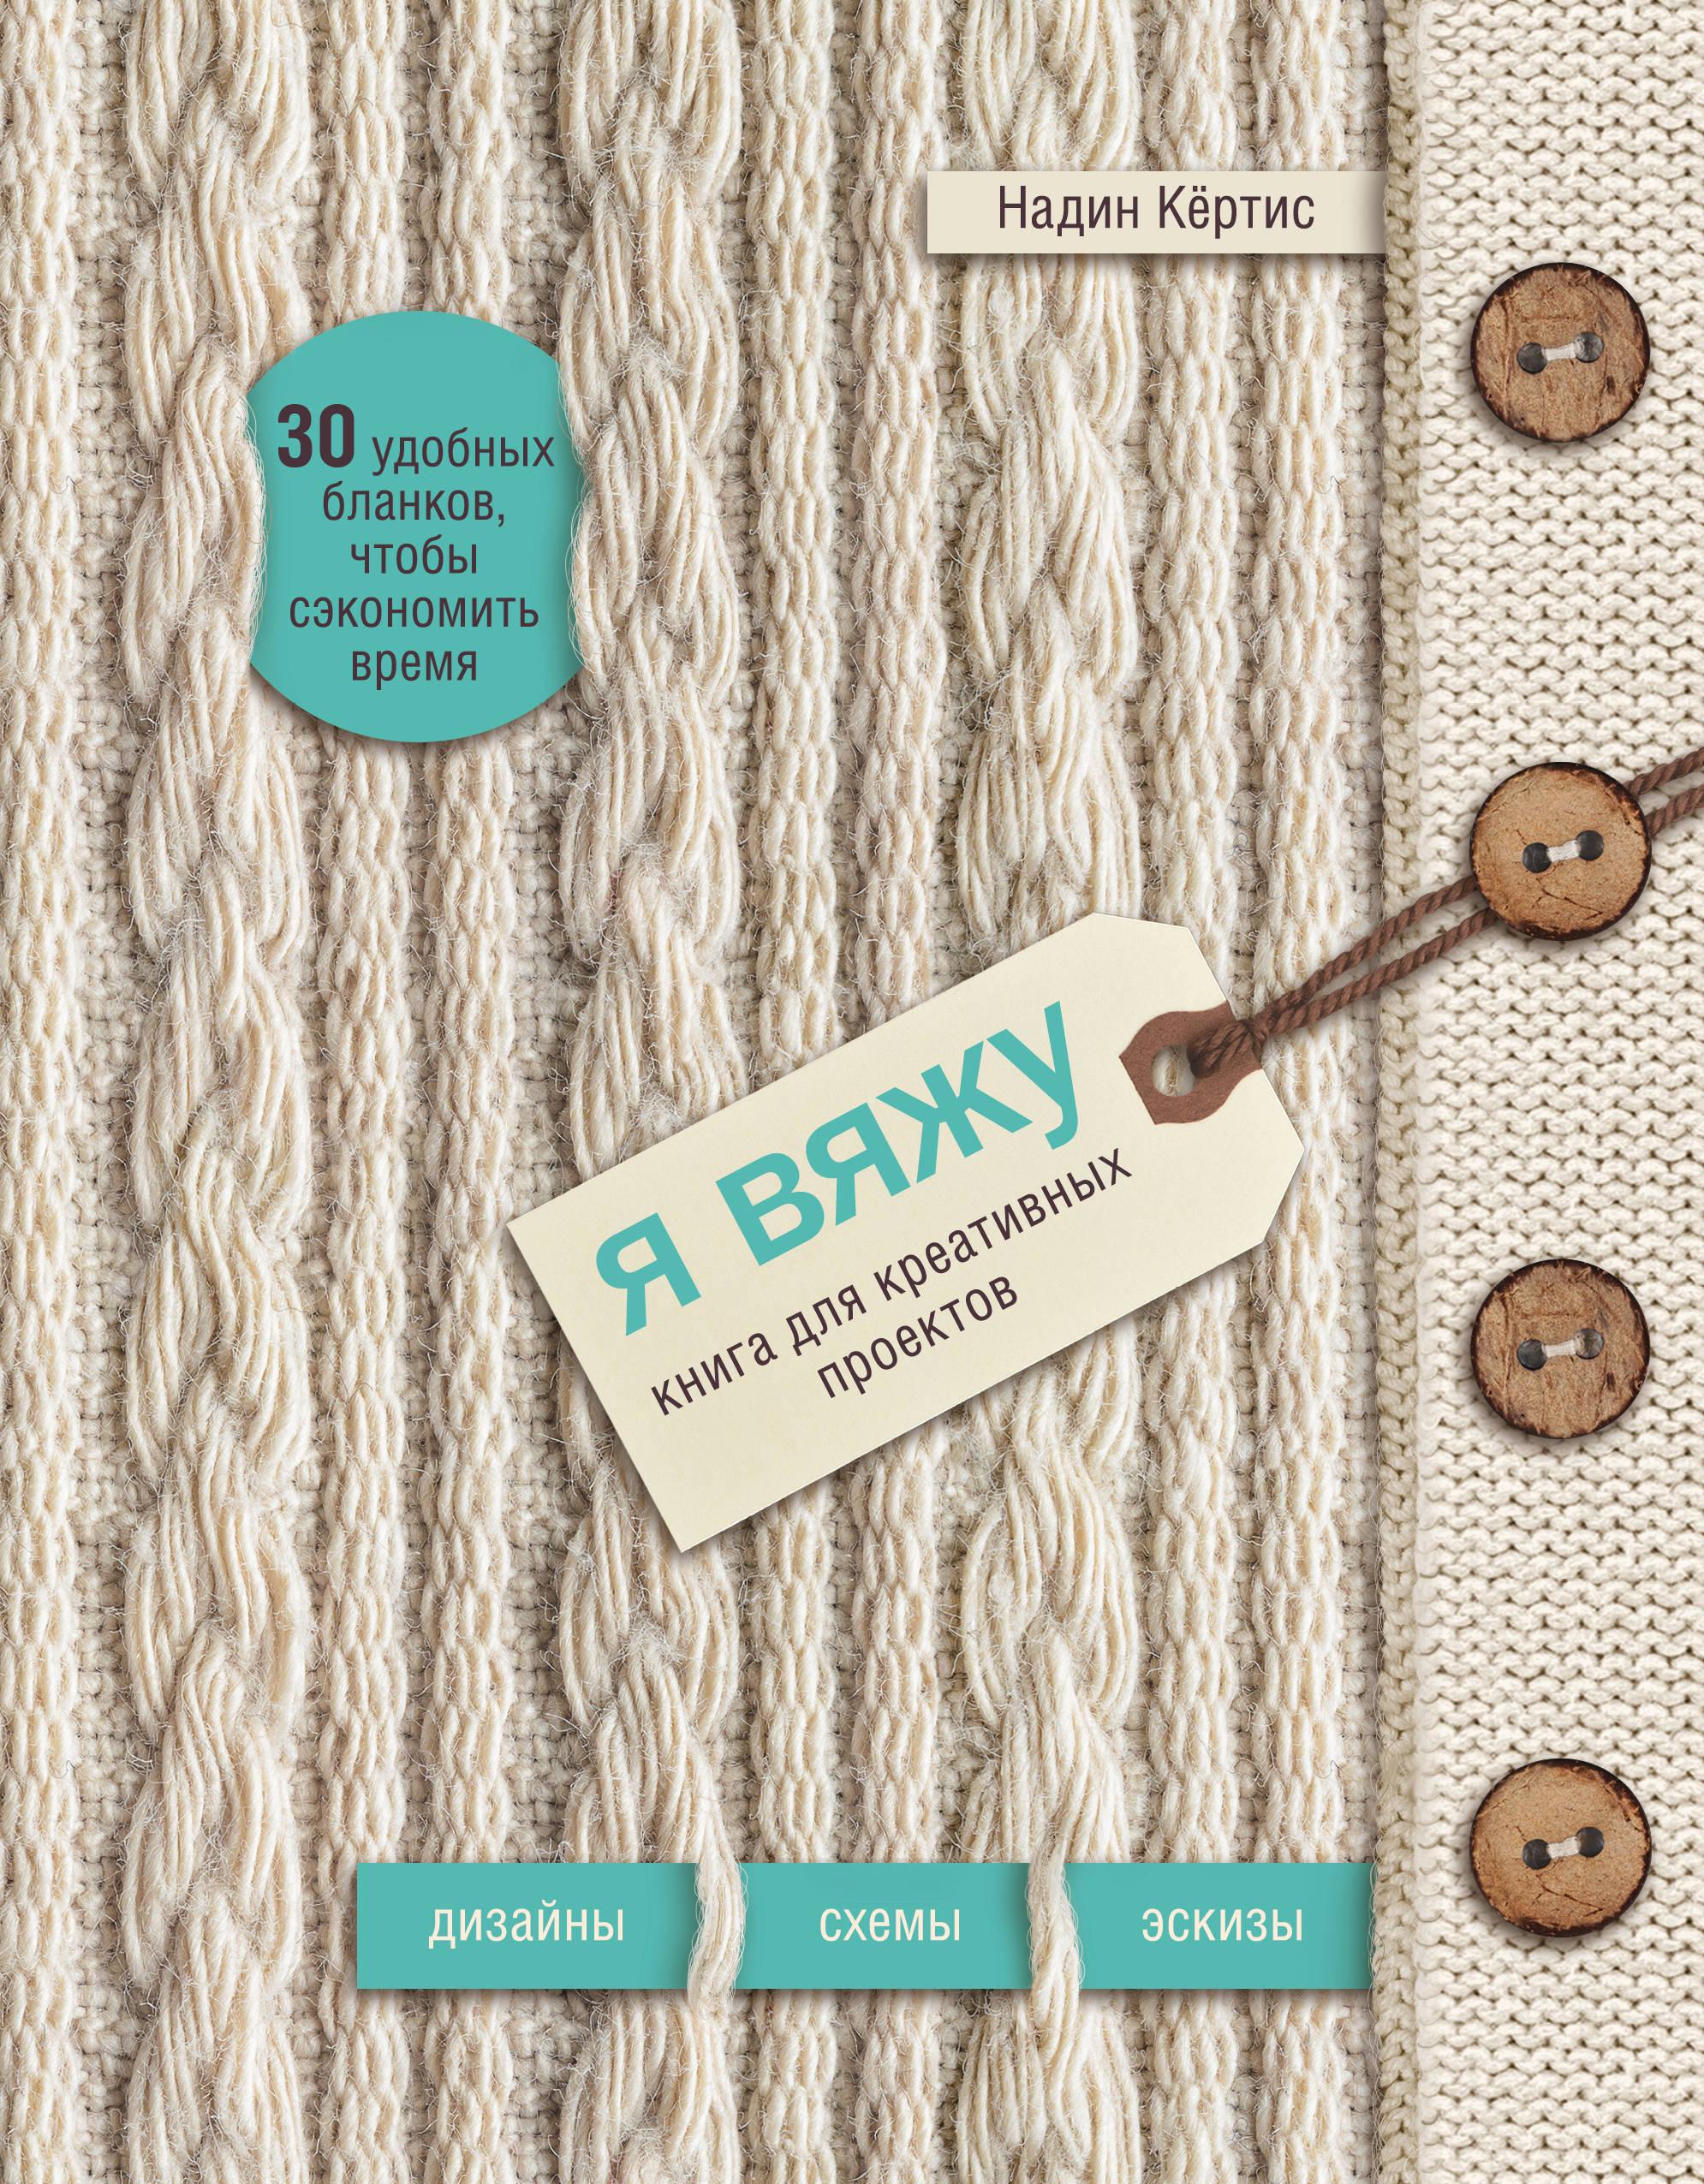 Я вяжу. Книга для креативных проектов. Дизайны. Схемы. Эскизы (вязаный) (новое оформление)